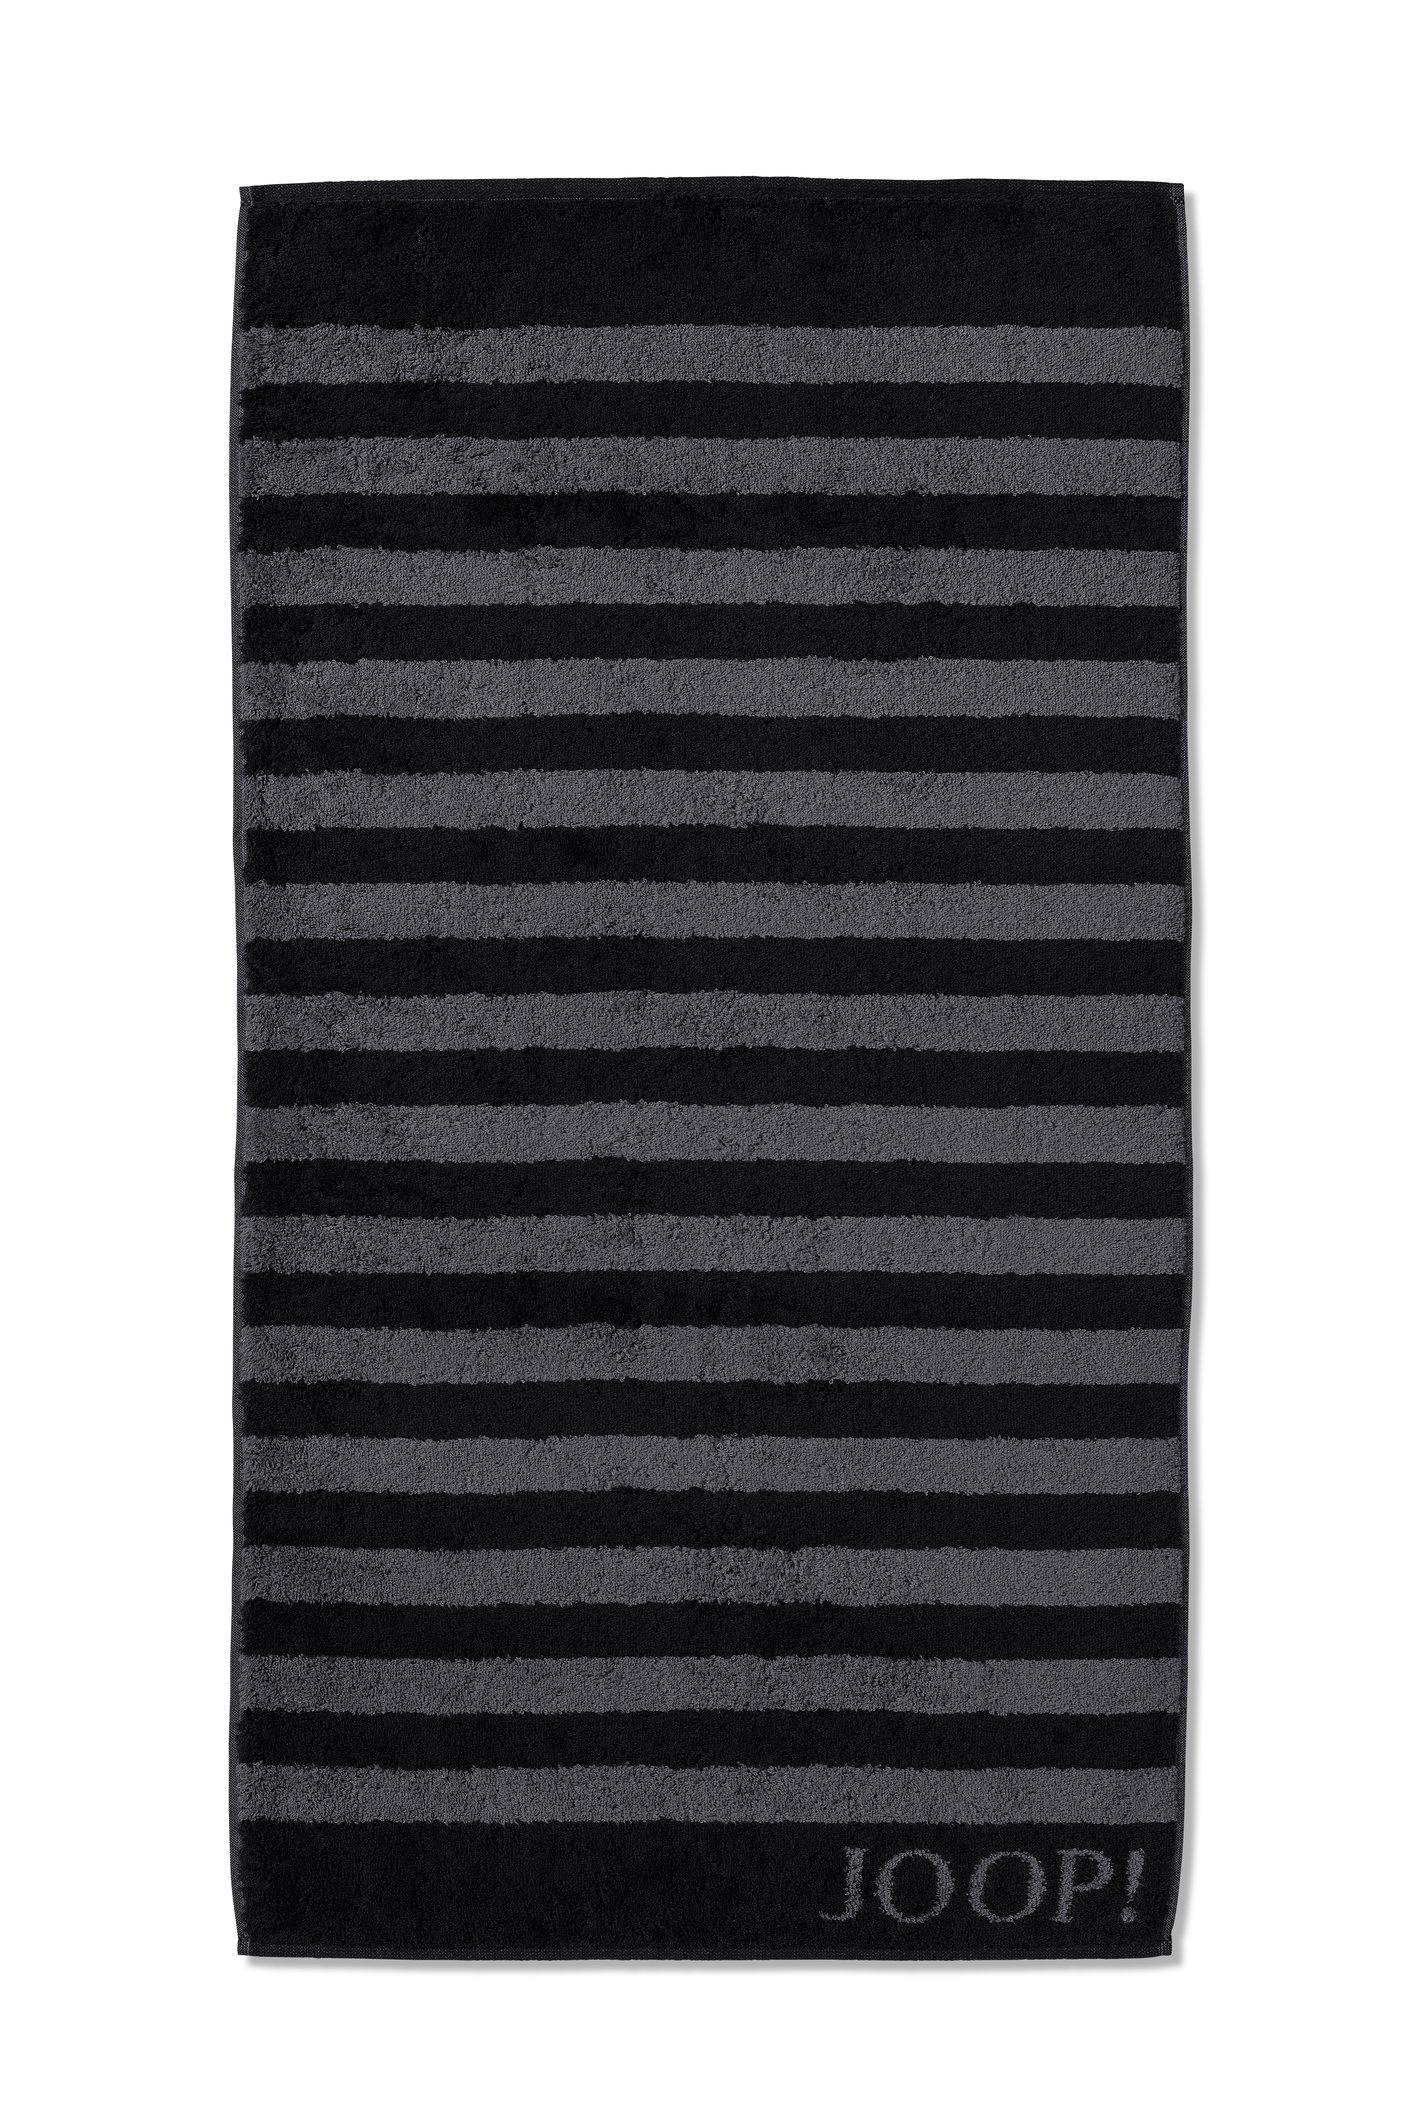 JOOP! Classic Stripes Duschtuch 80x150 cm 1610-90 Schwarz Kollektion 2020